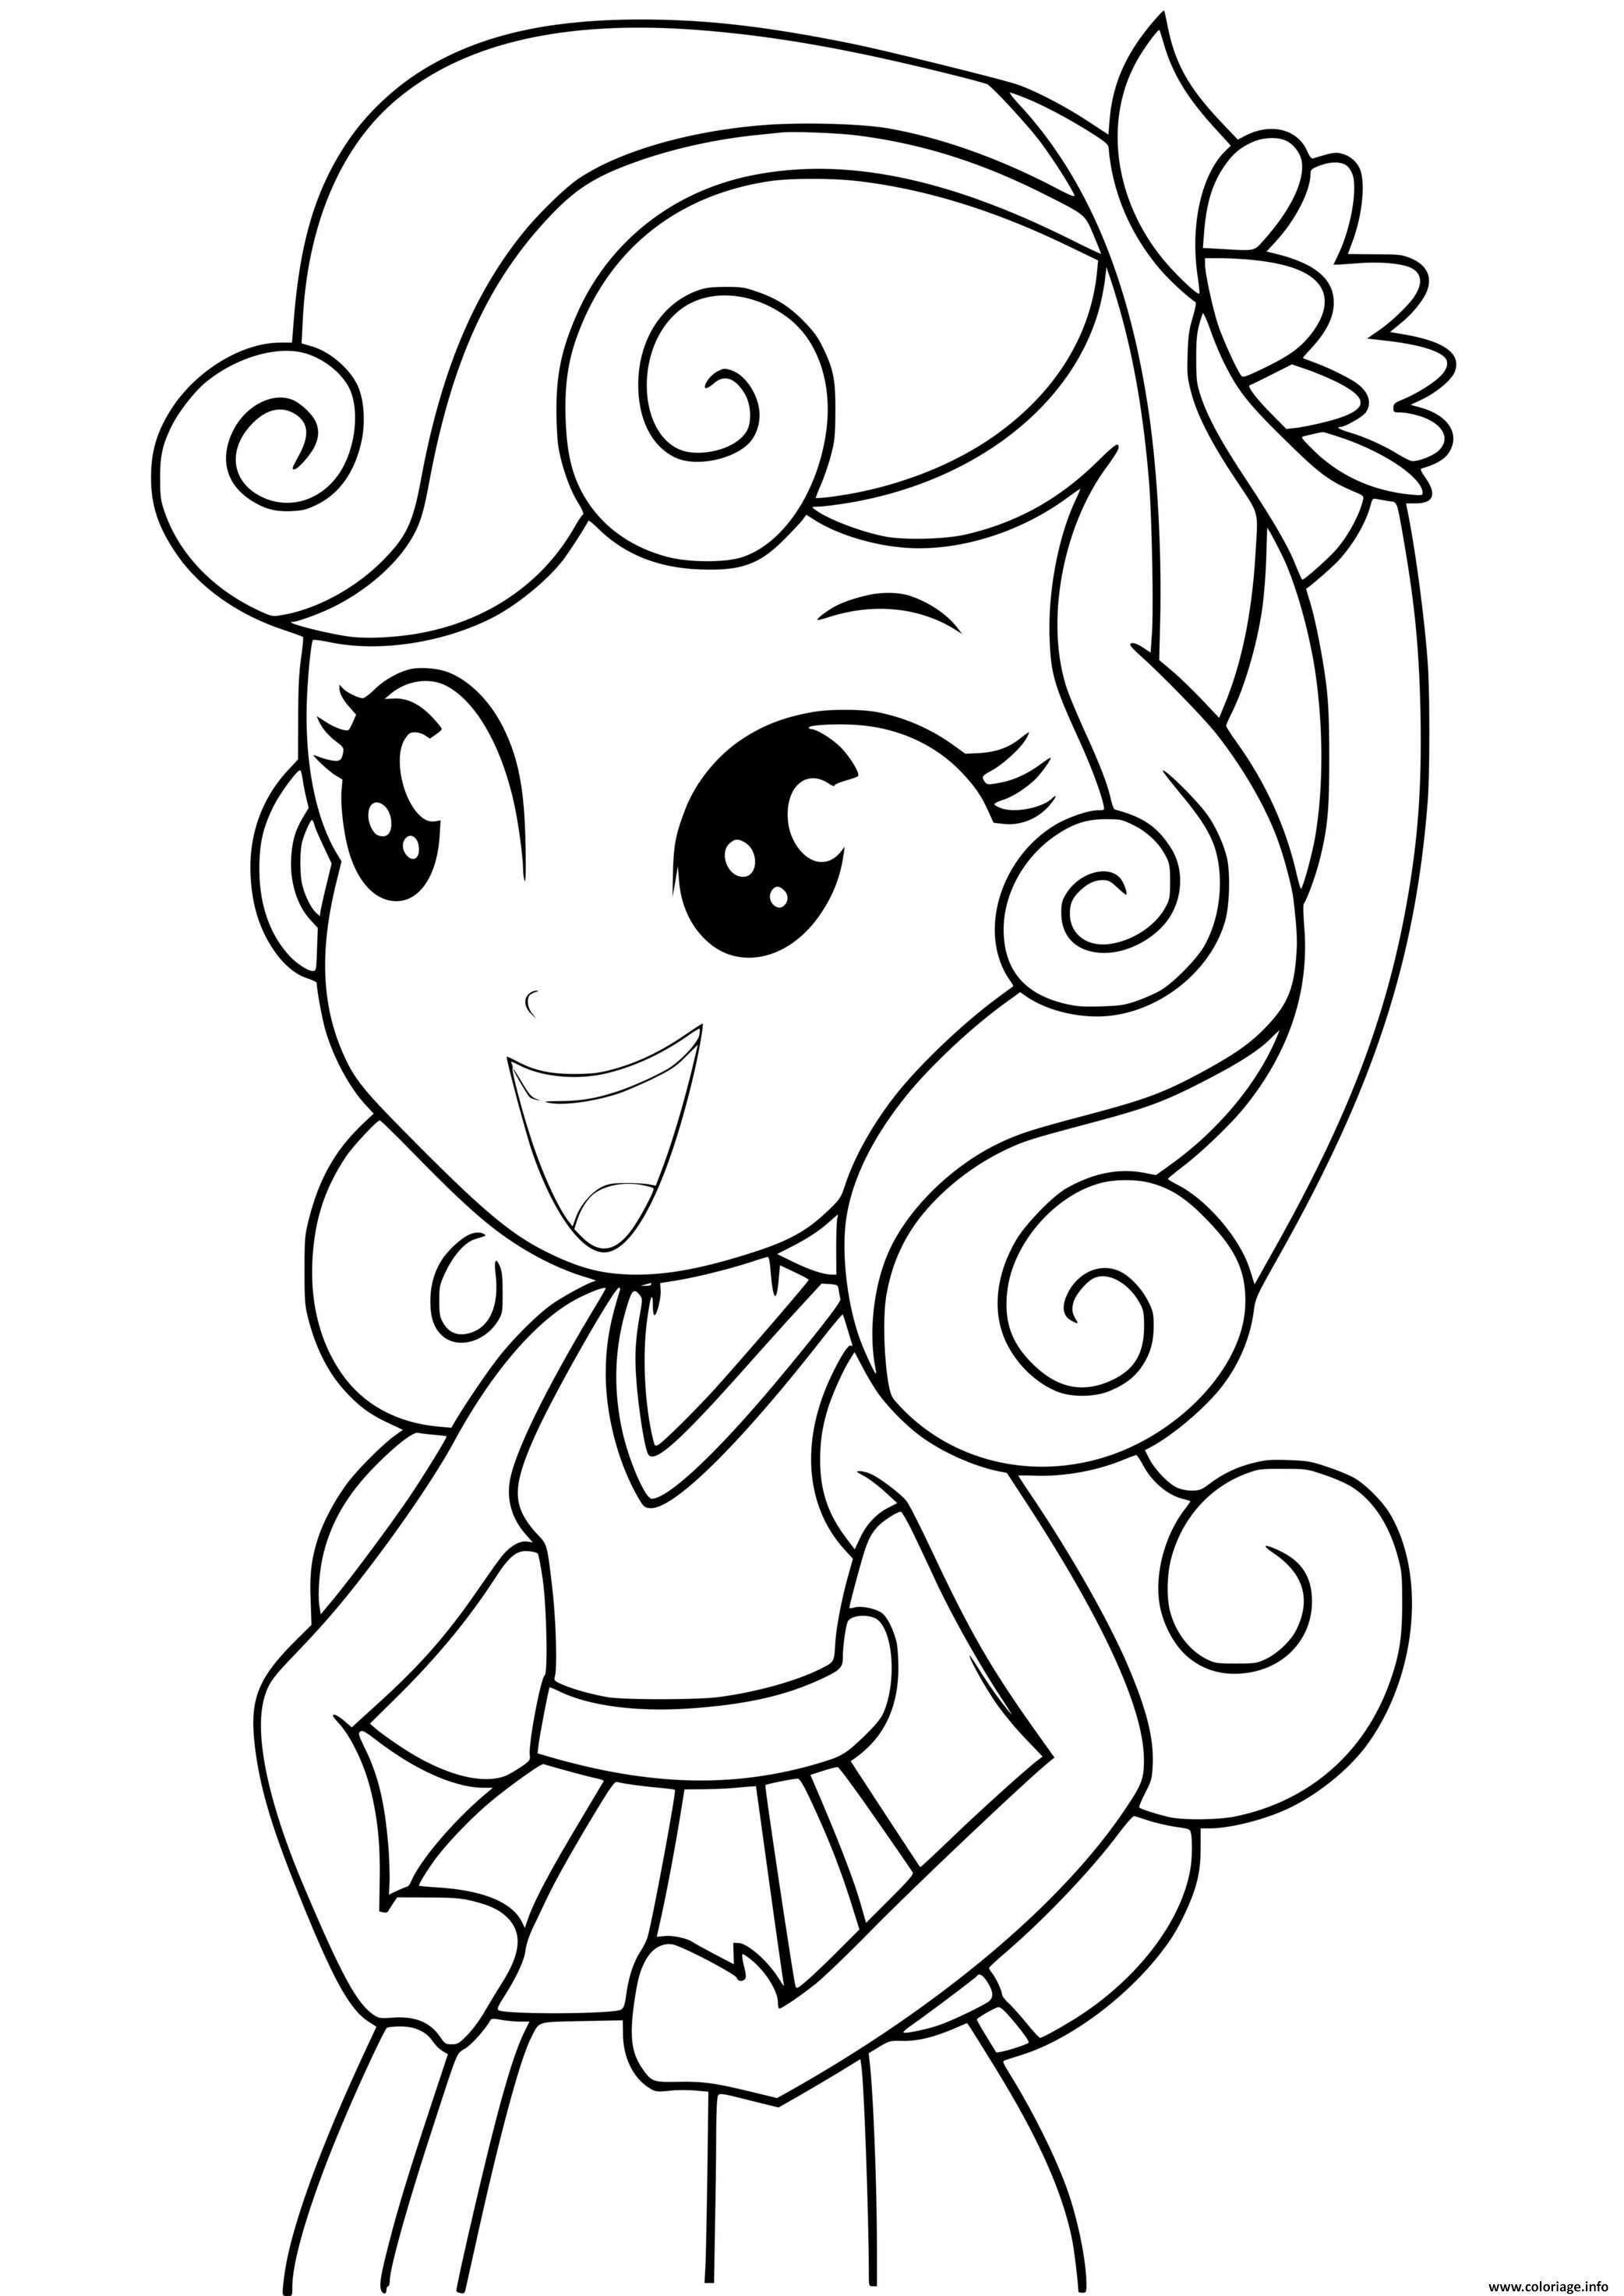 Dessin sweetie belle equestria girls Coloriage Gratuit à Imprimer